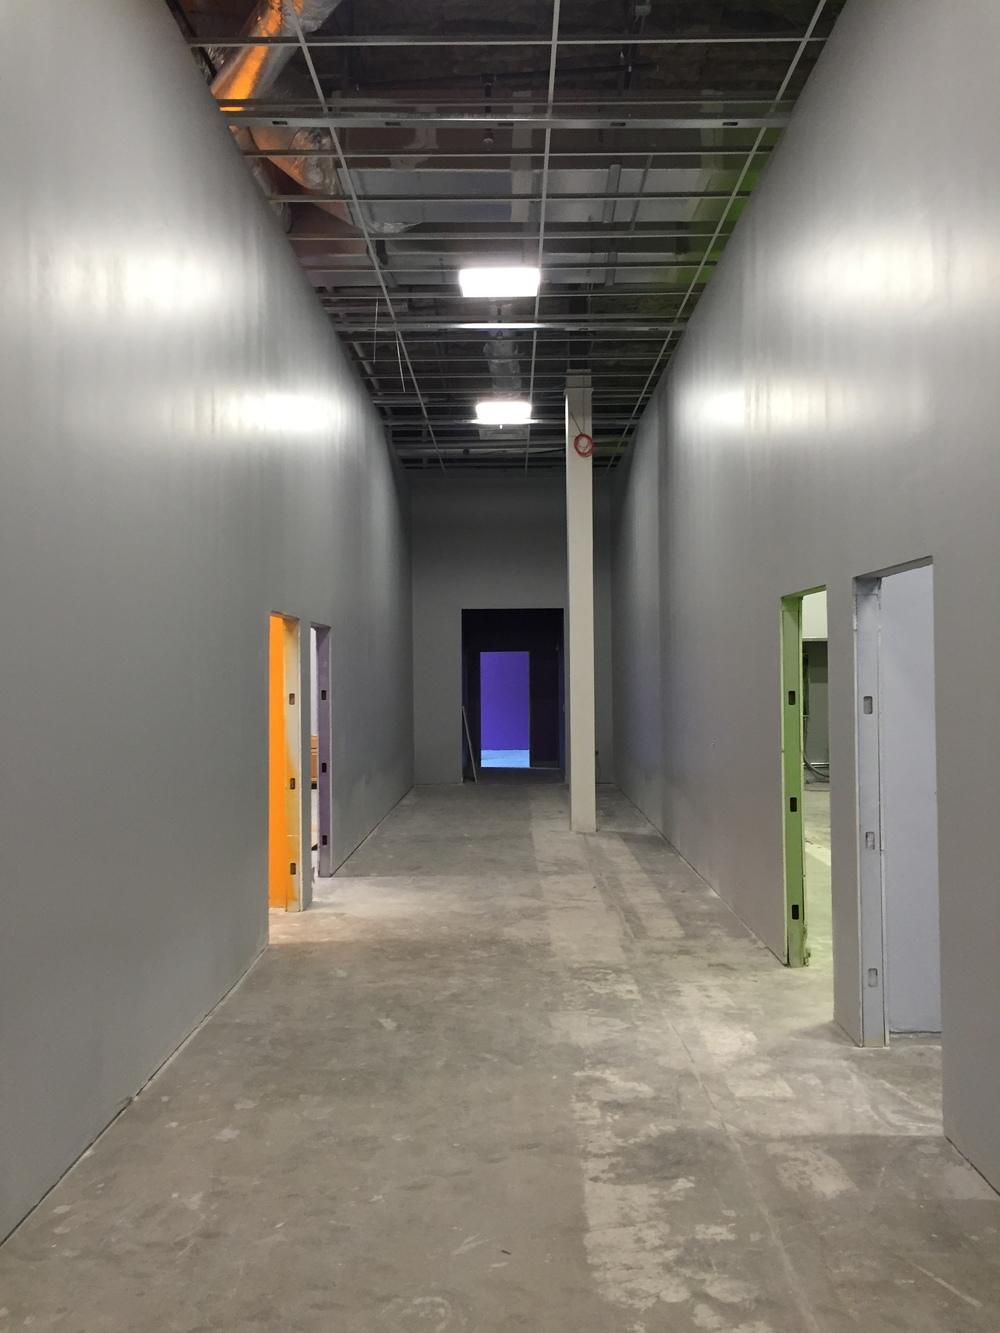 Children's Ministry Hallway